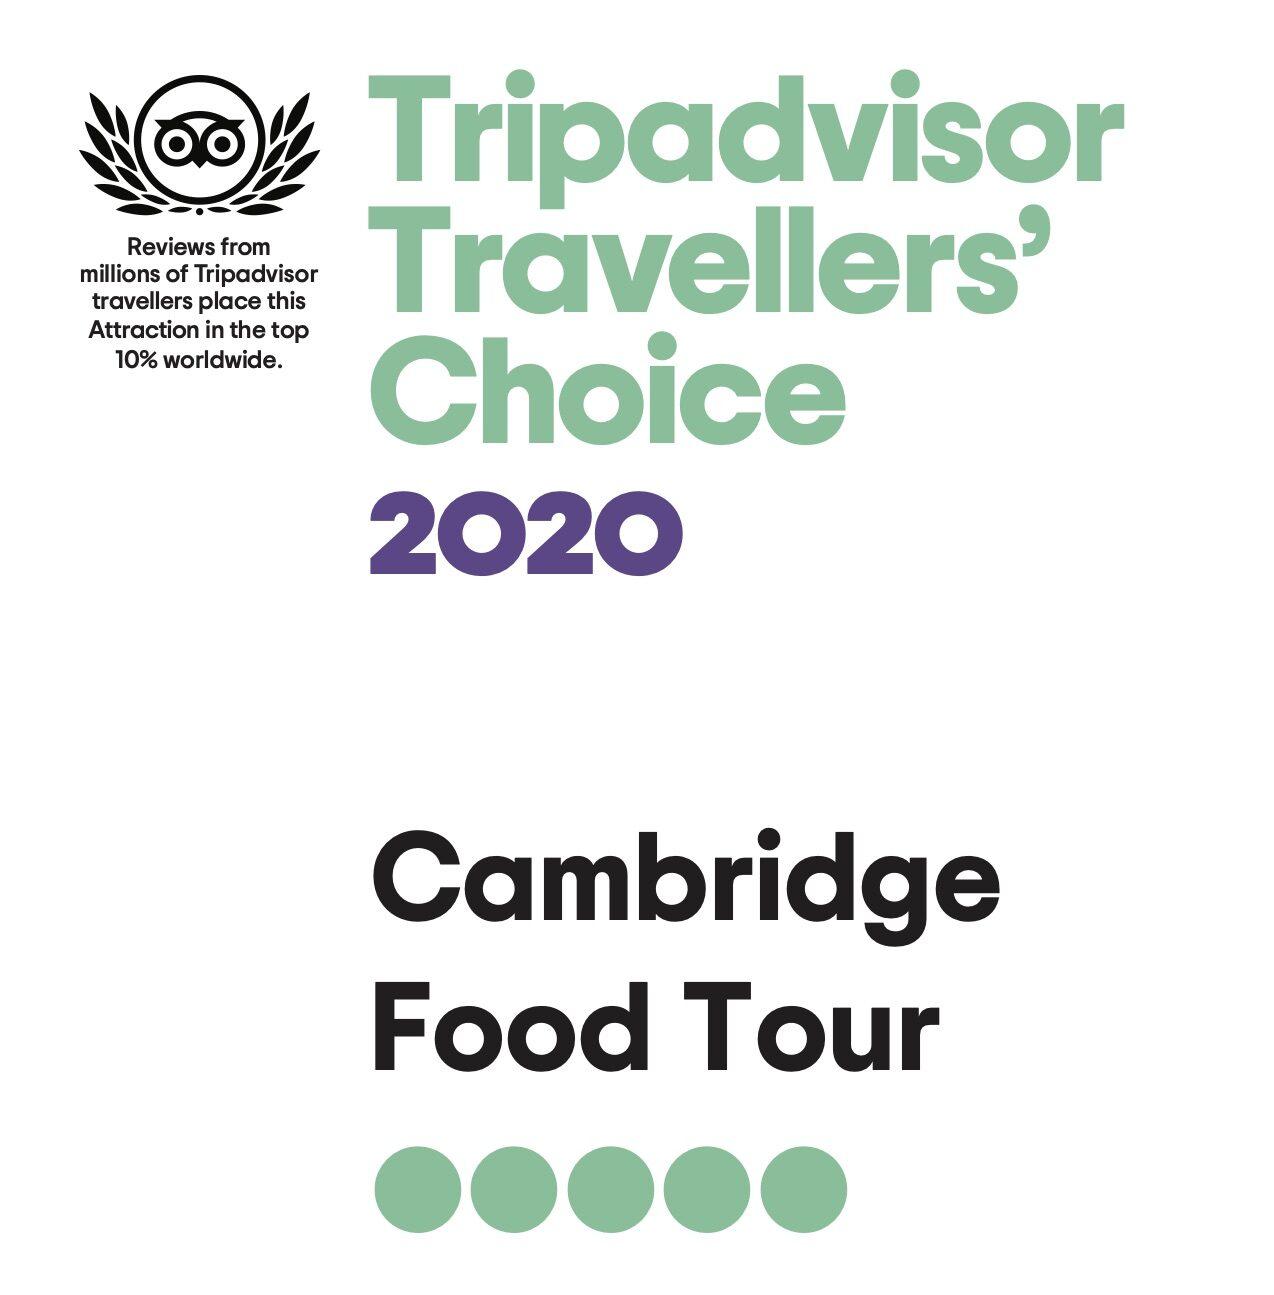 Cb travel guide Travellers award TripAdvisor 2020